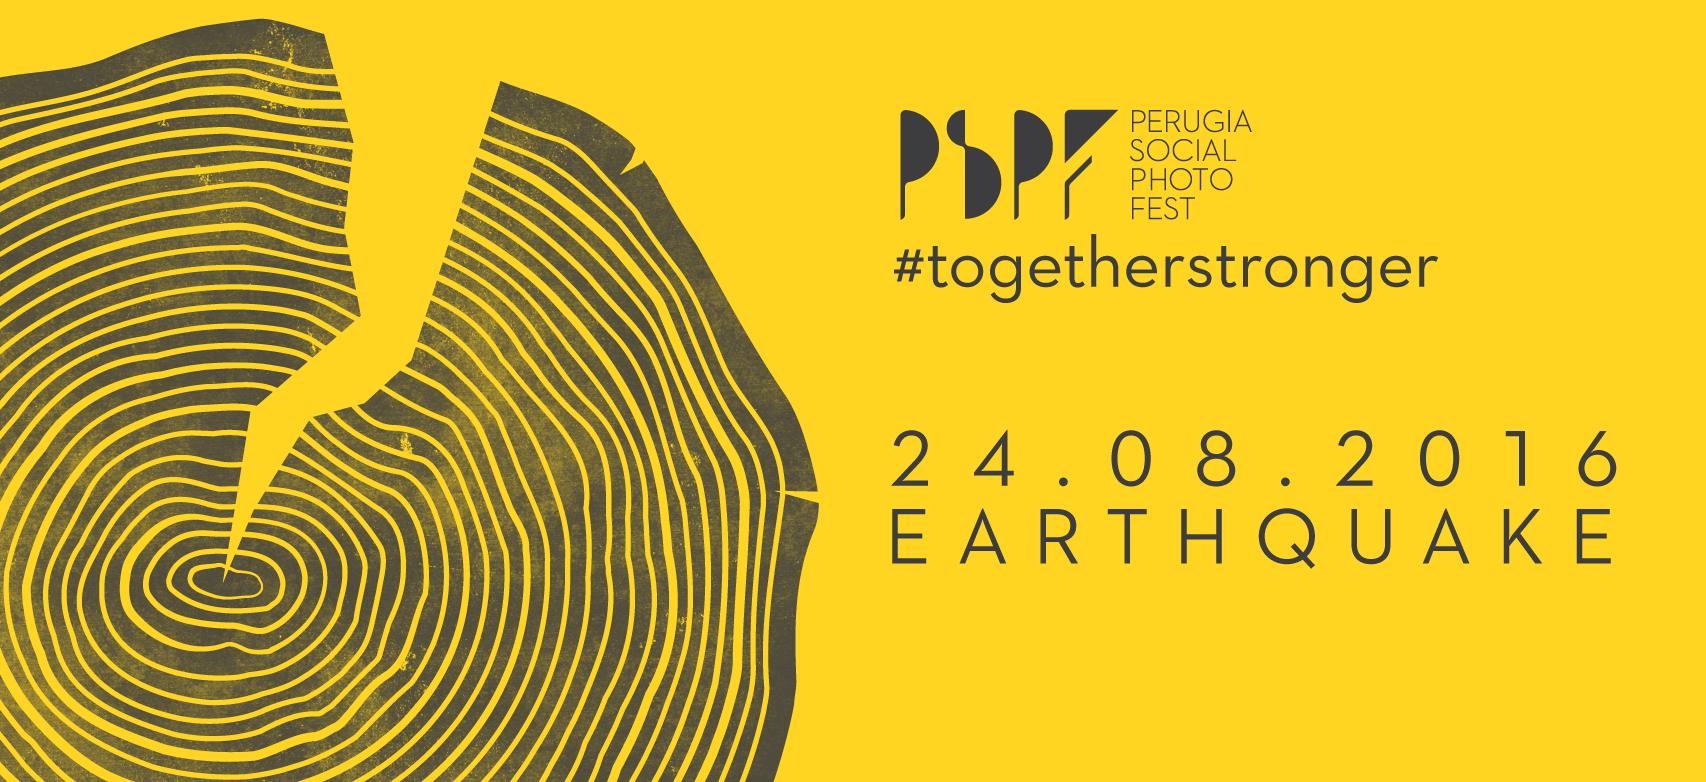 Togetherstrongher: la fotografia a sostegno delle popolazioni del centro Italia colpite dal terremoto